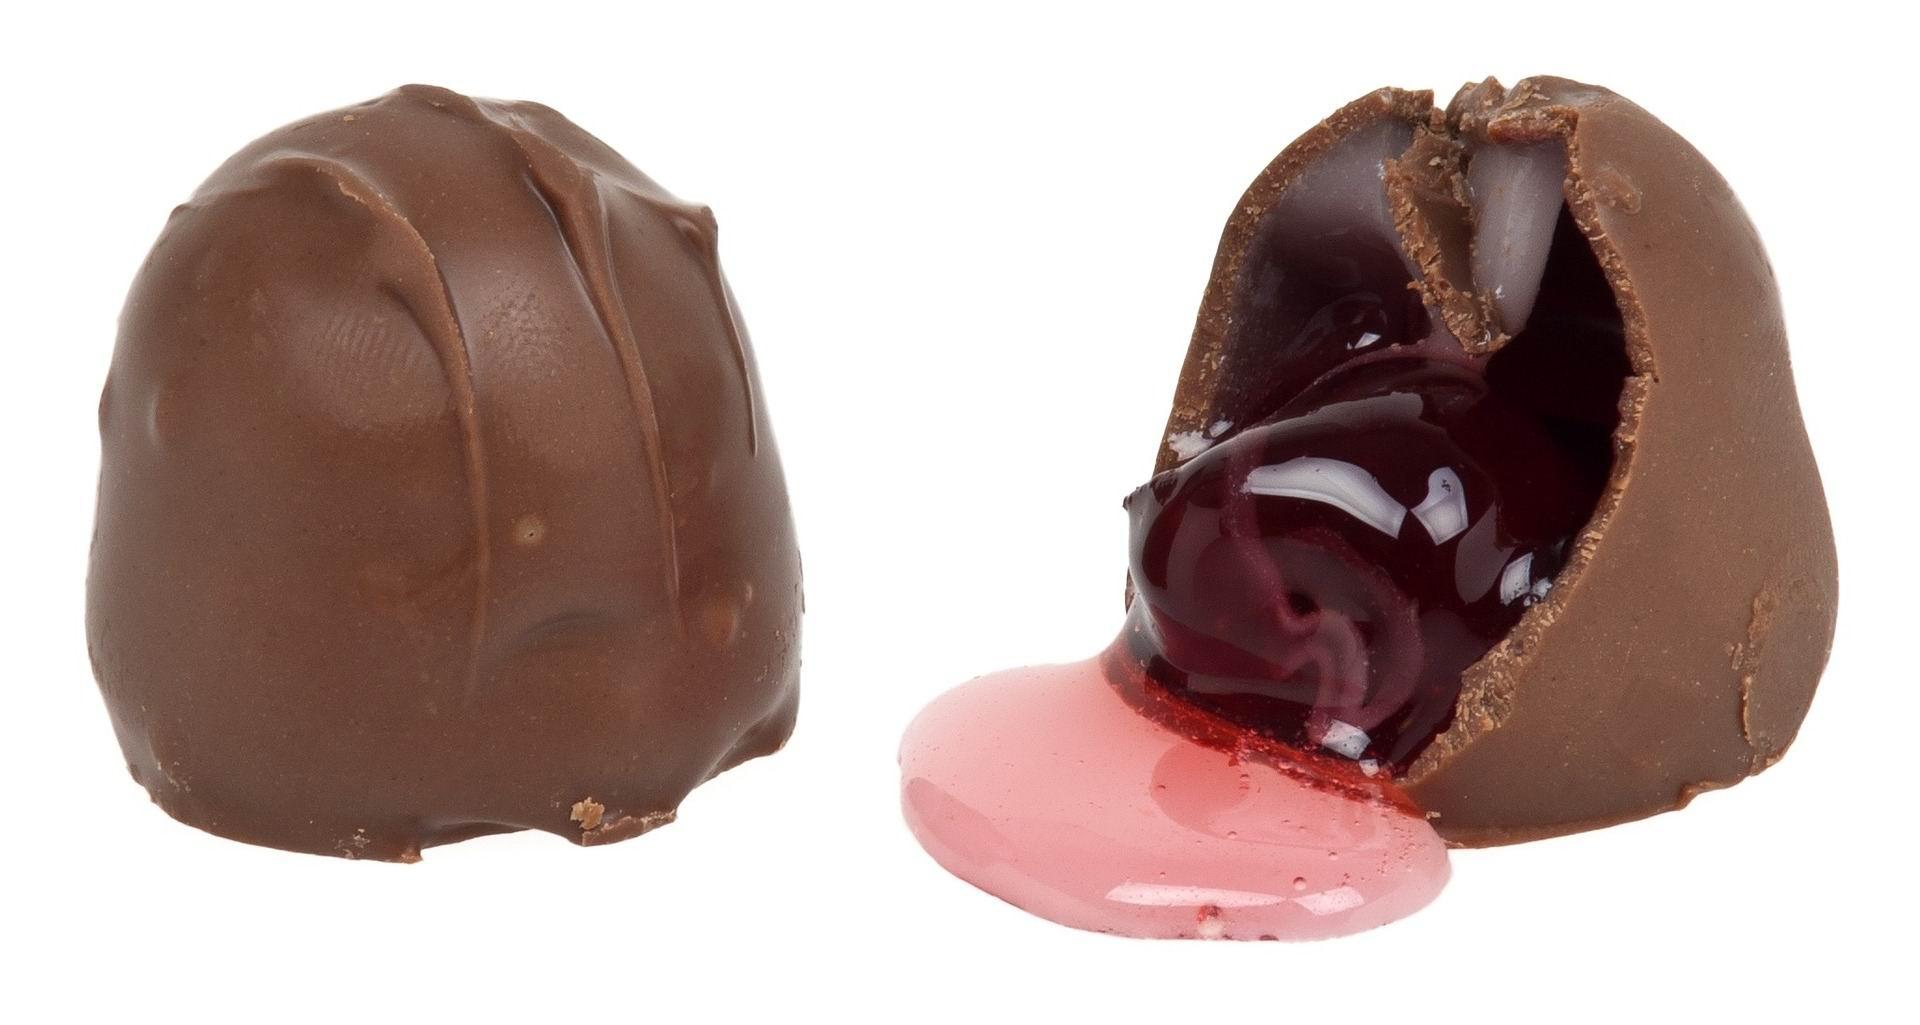 CHERRY CHOCOLATES -- Skeeze -- PX